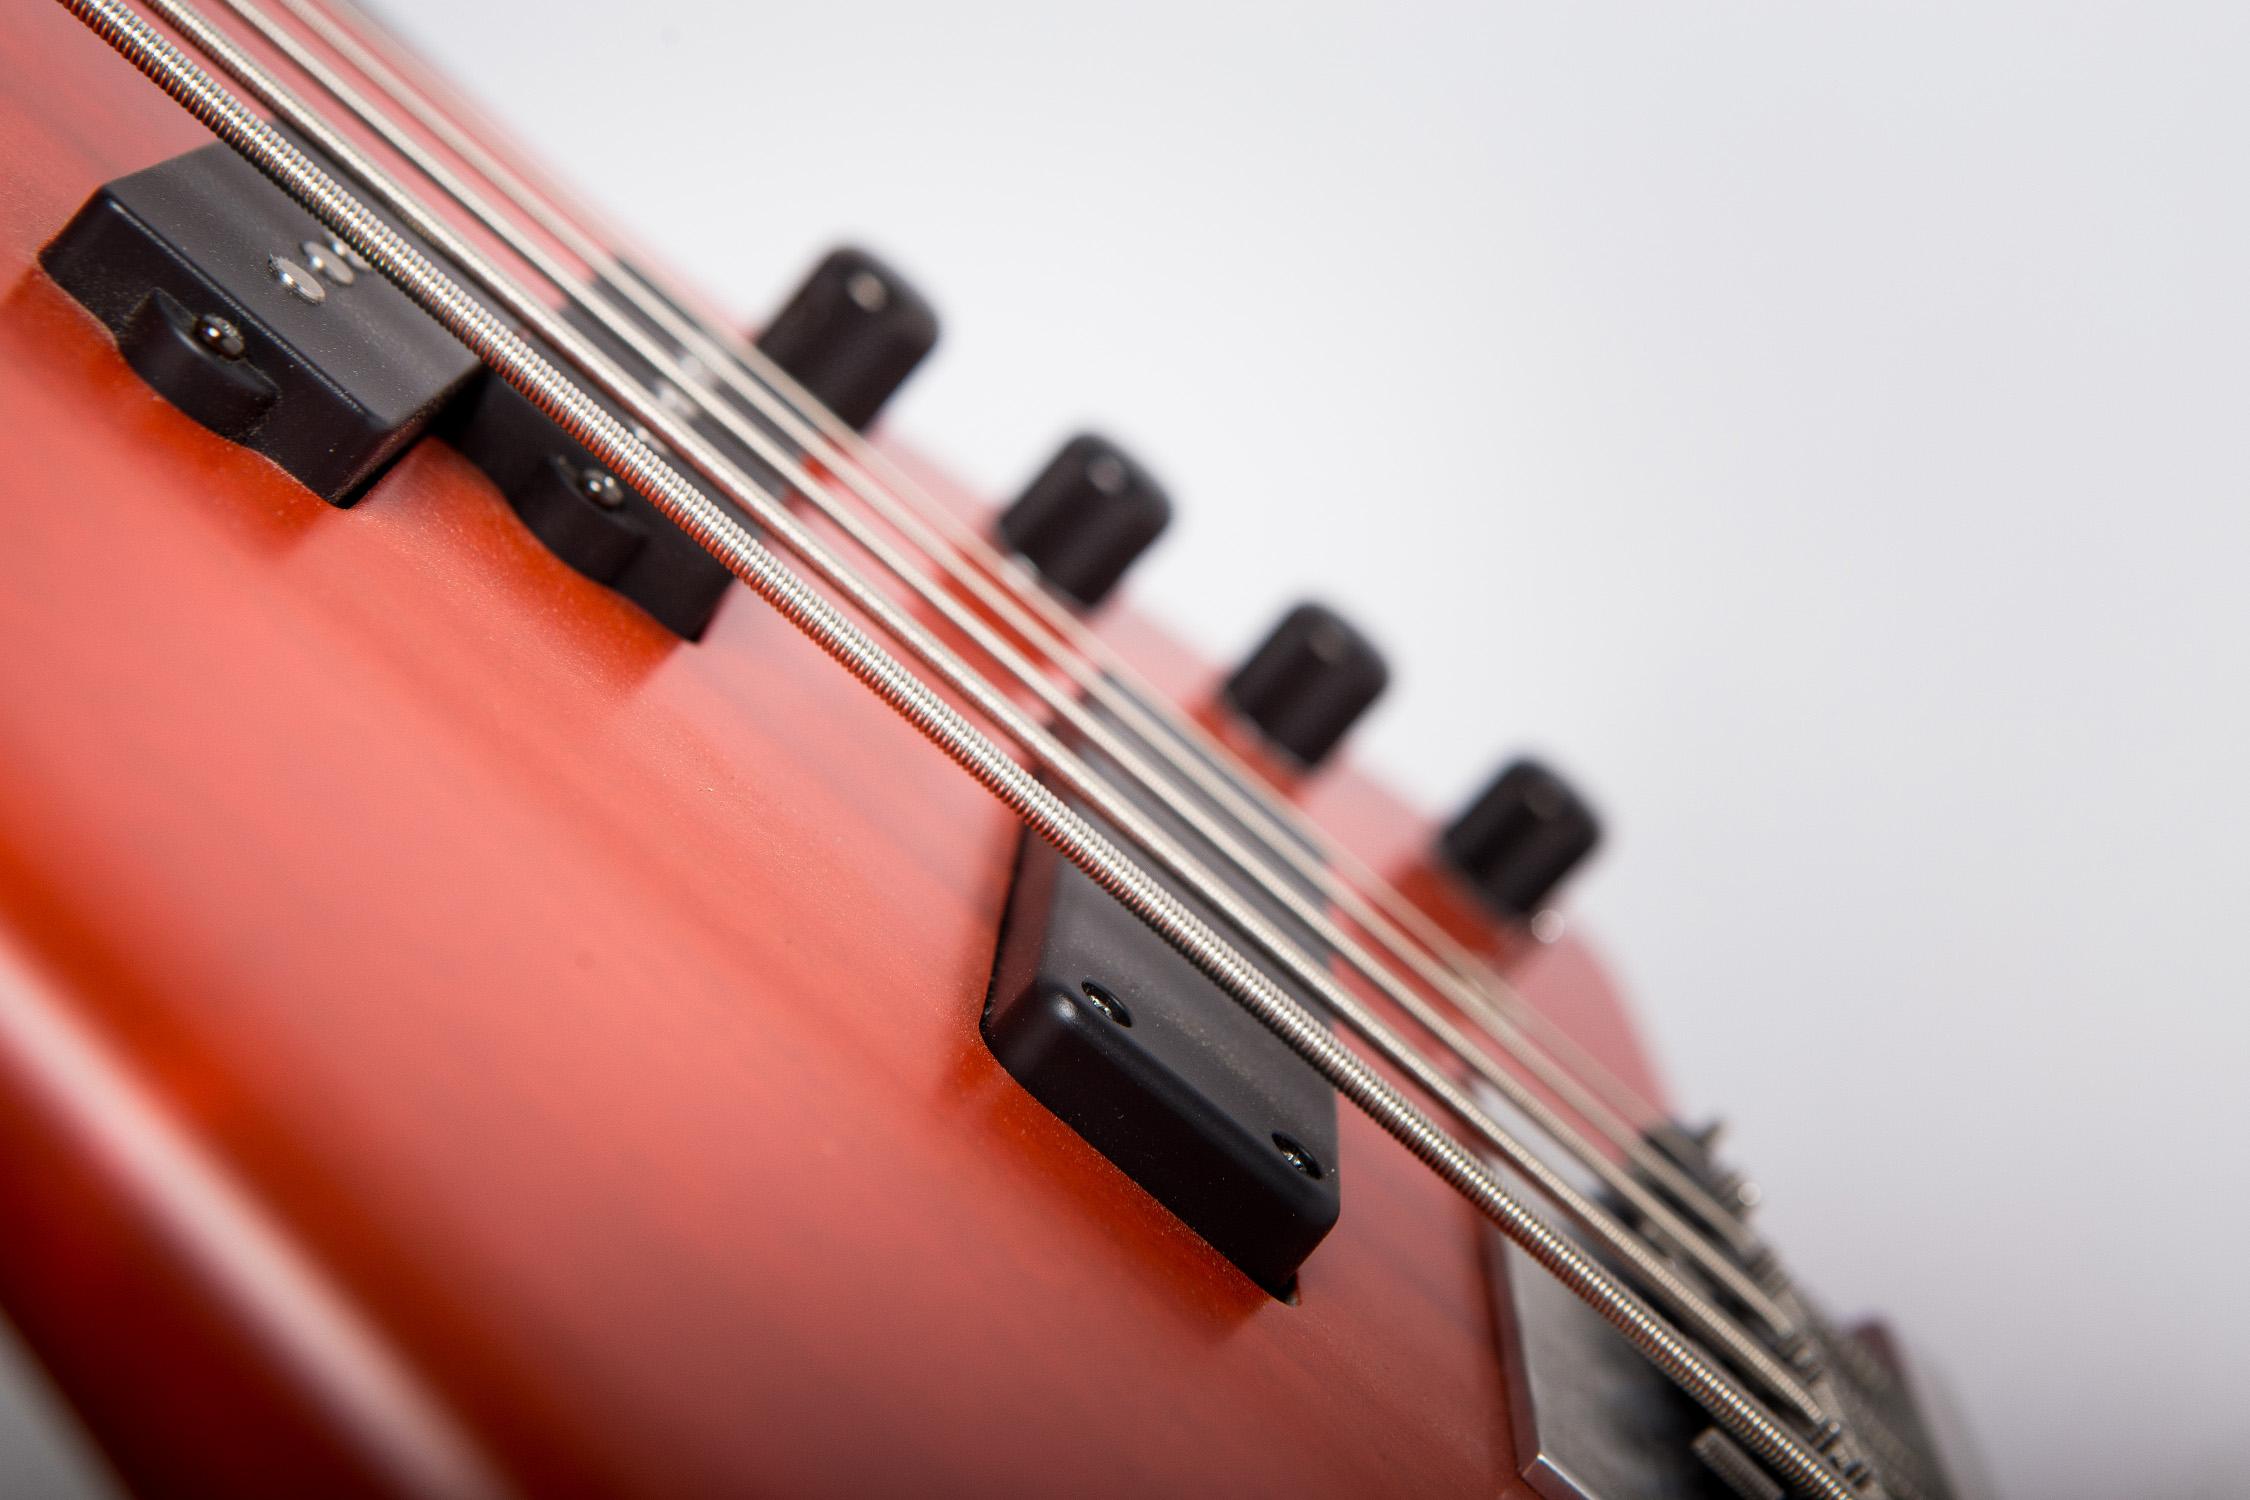 Basso Ermanno dei NegramaroCapurso Guitarfoto © Giuseppe Di Viesto